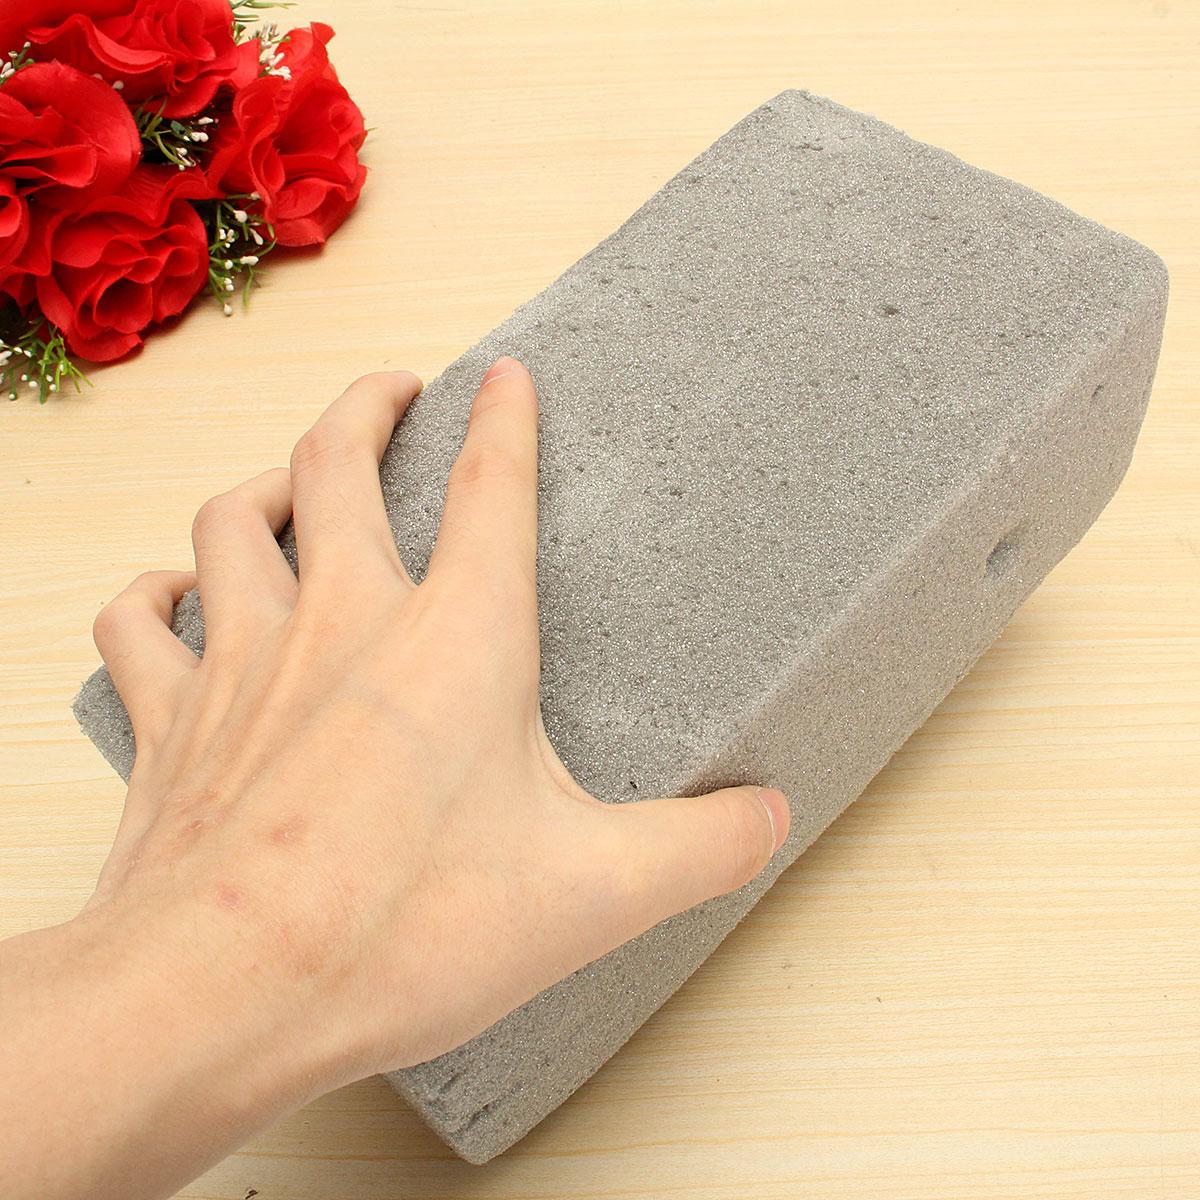 Ou Acheter De La Mousse Pour Piquer Des Fleurs 1pcs mousse bloc humides pour fleurs fraîches sèche - achat